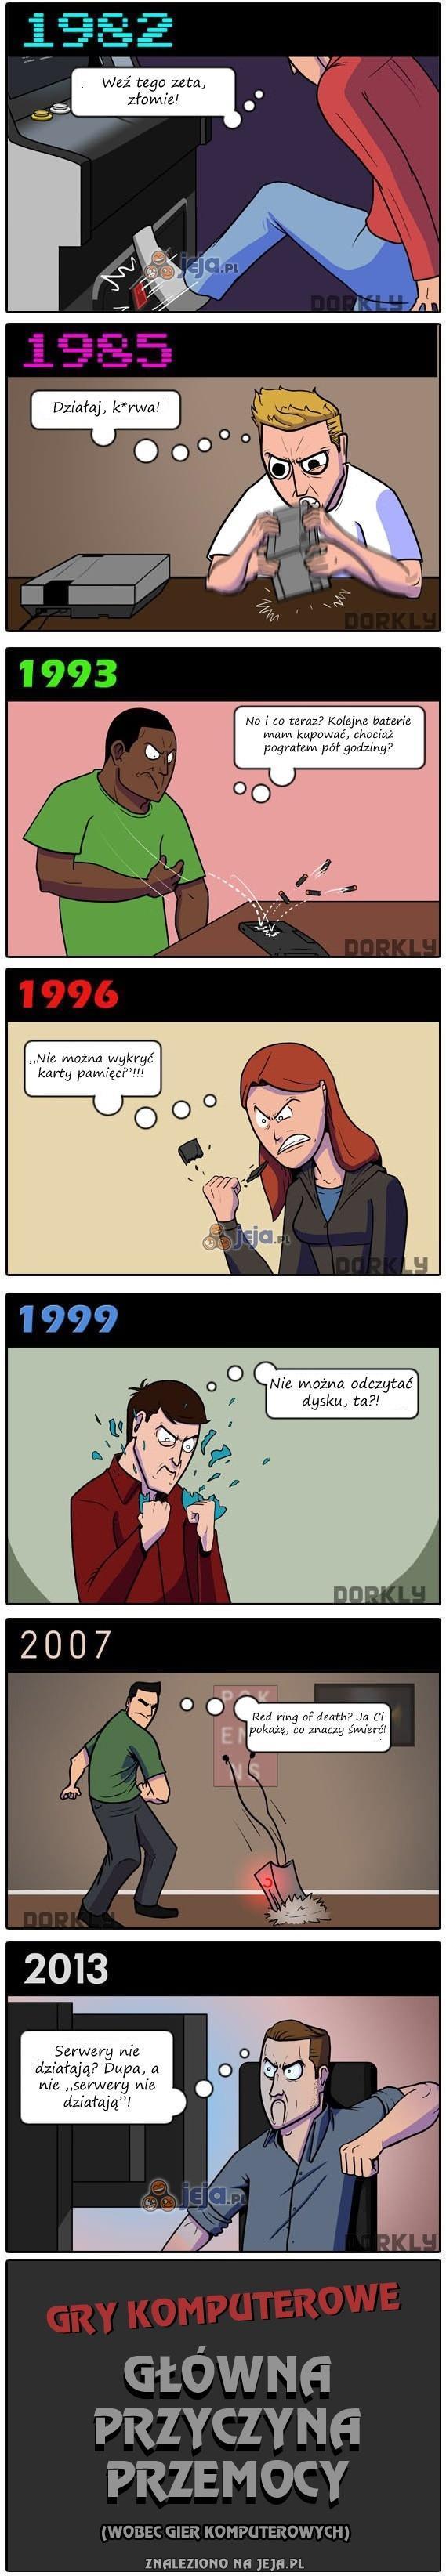 Historia przemocy w grach komputerowych